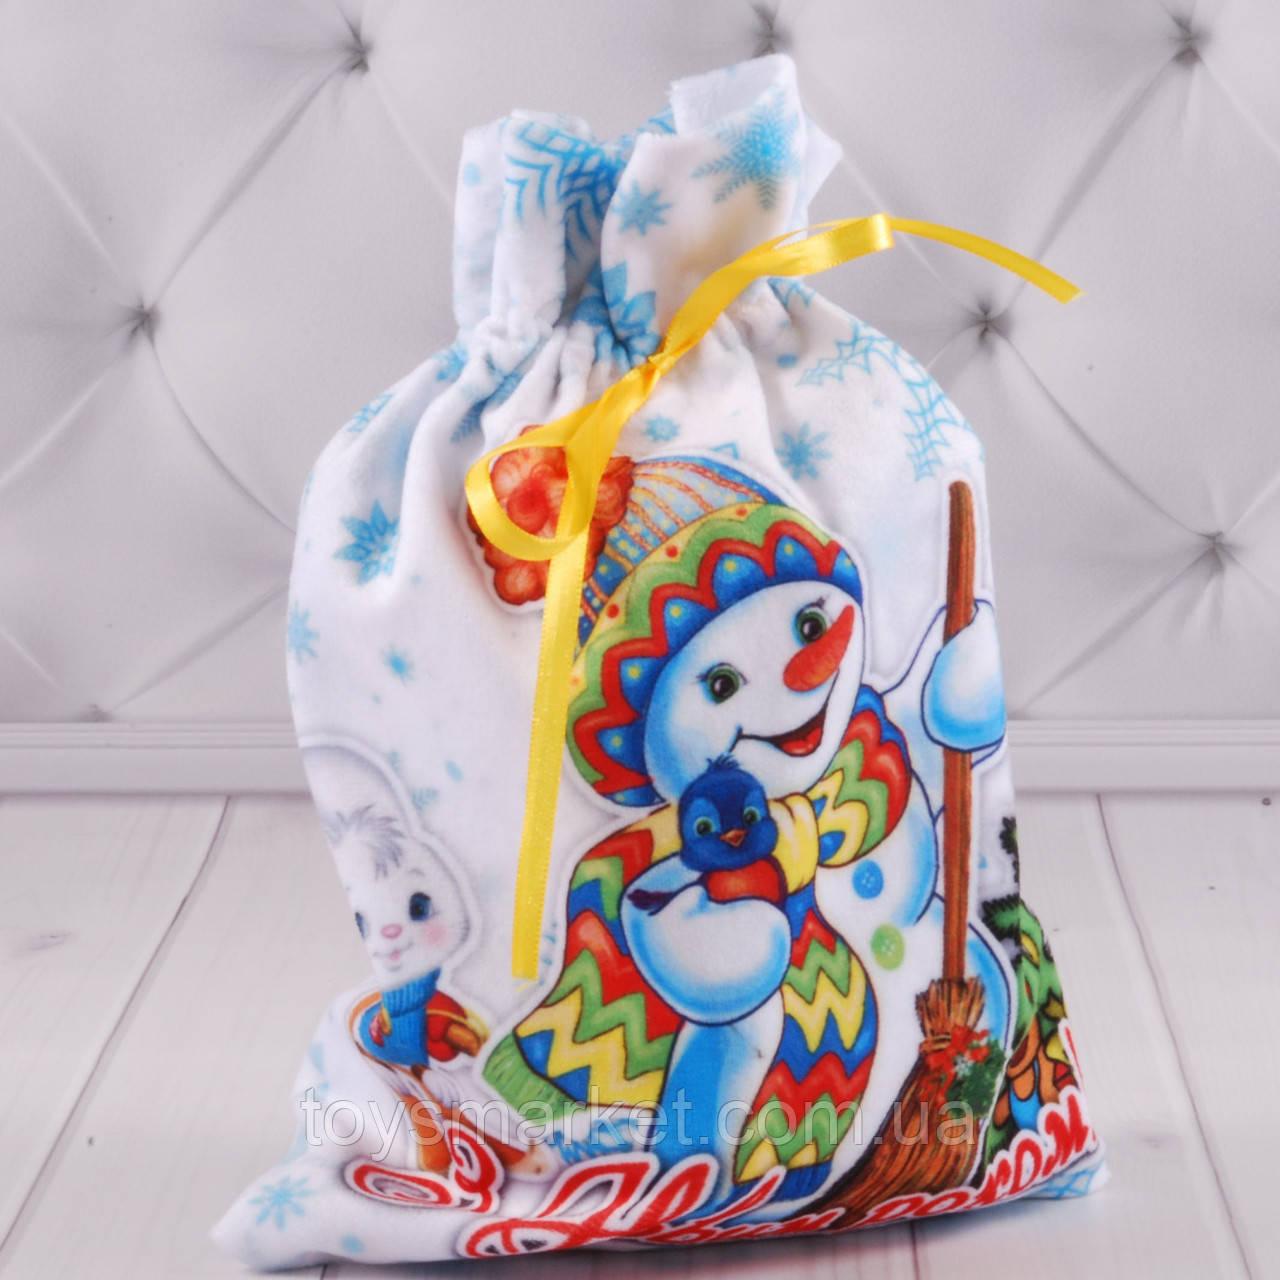 """Дитячий рюкзак """"Новорічний"""", рюкзак на Новий Рік, Новорічний мішок для цукерок"""